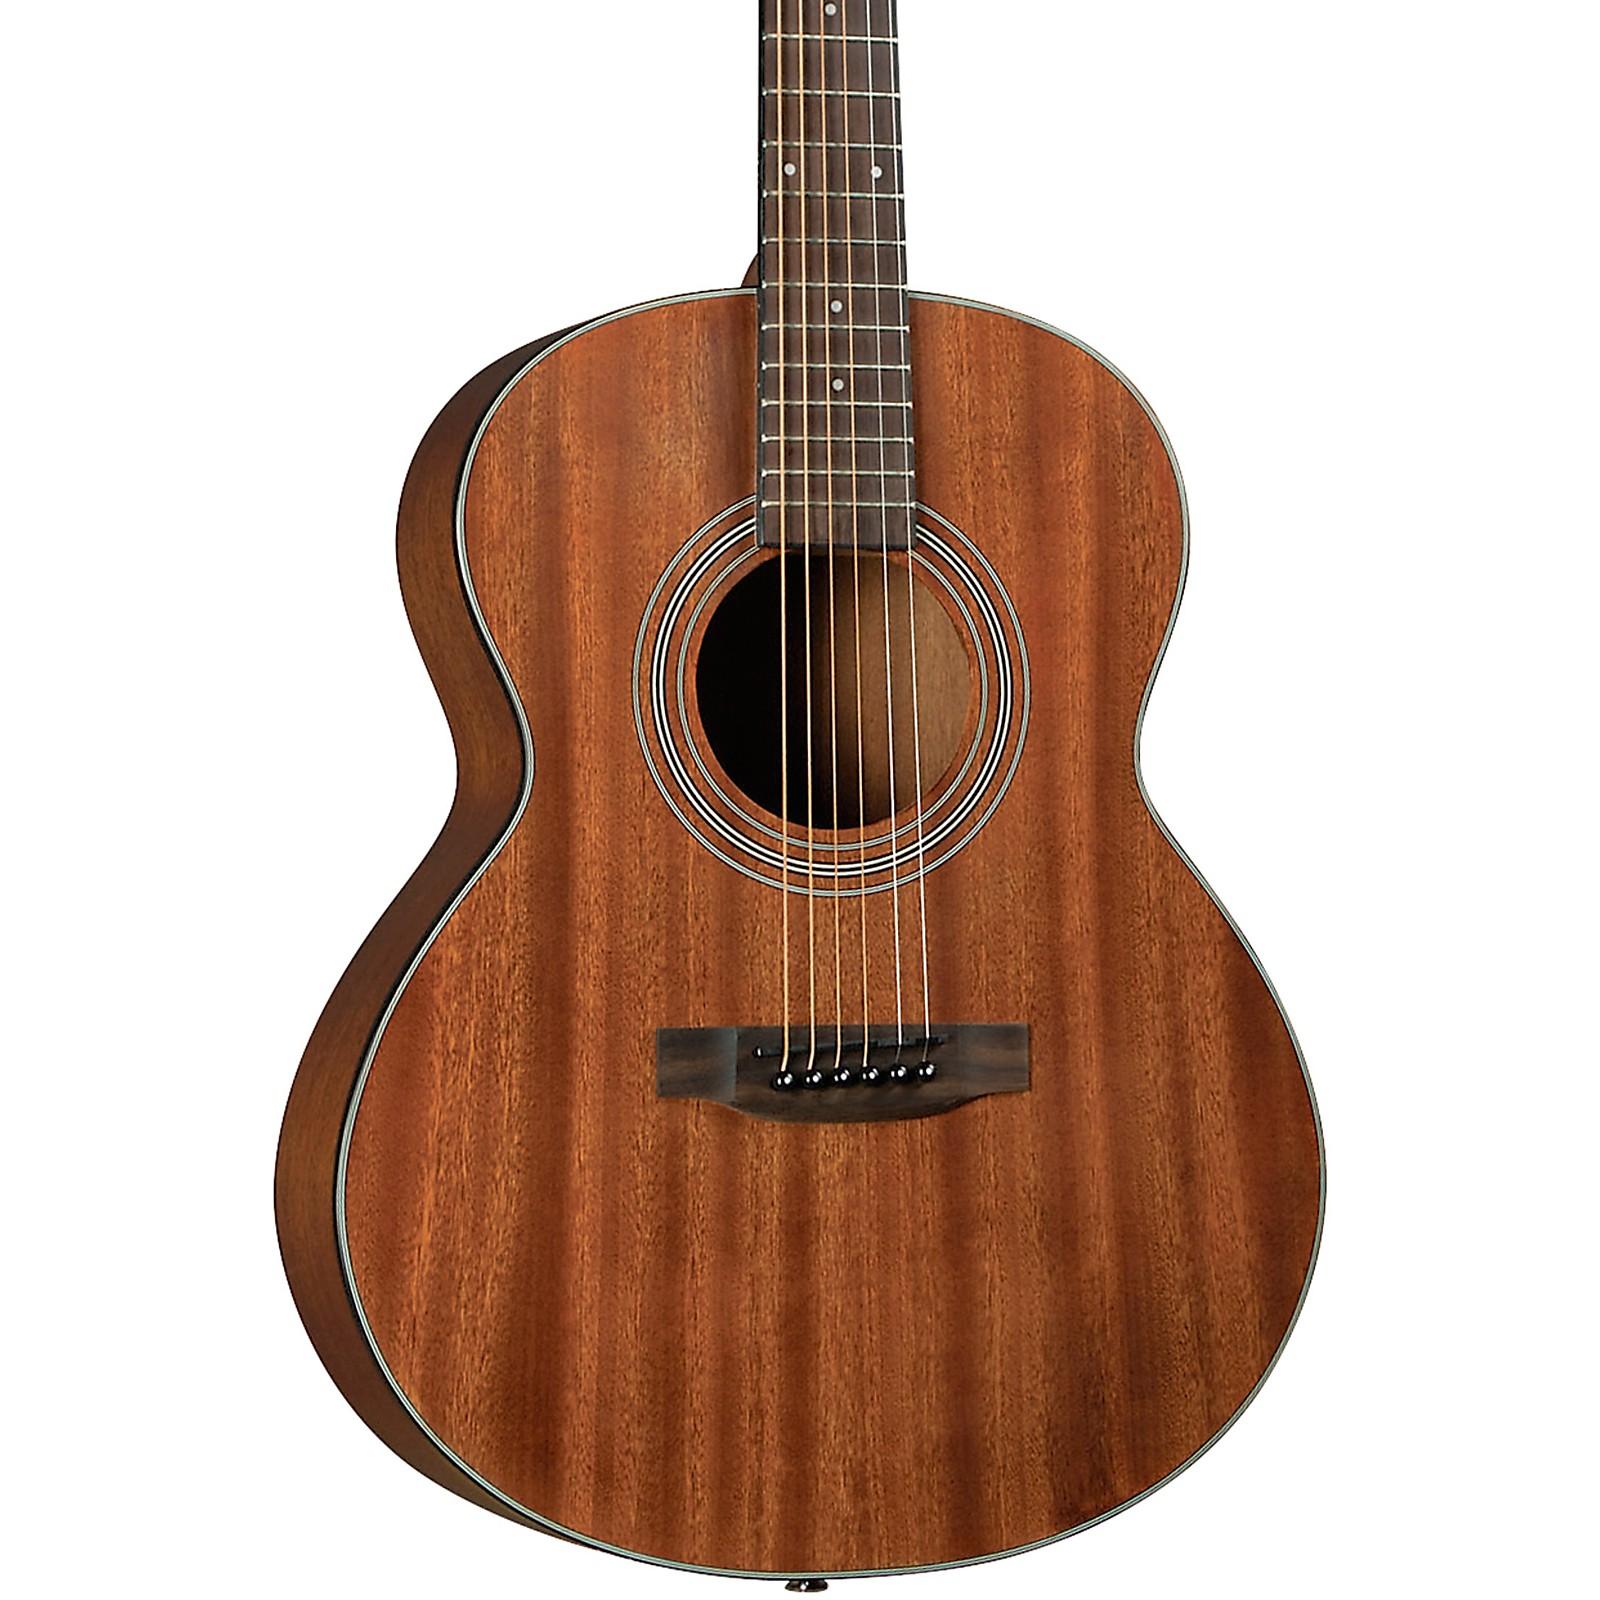 Bristol BF-15 Folk Body Acoustic Guitar